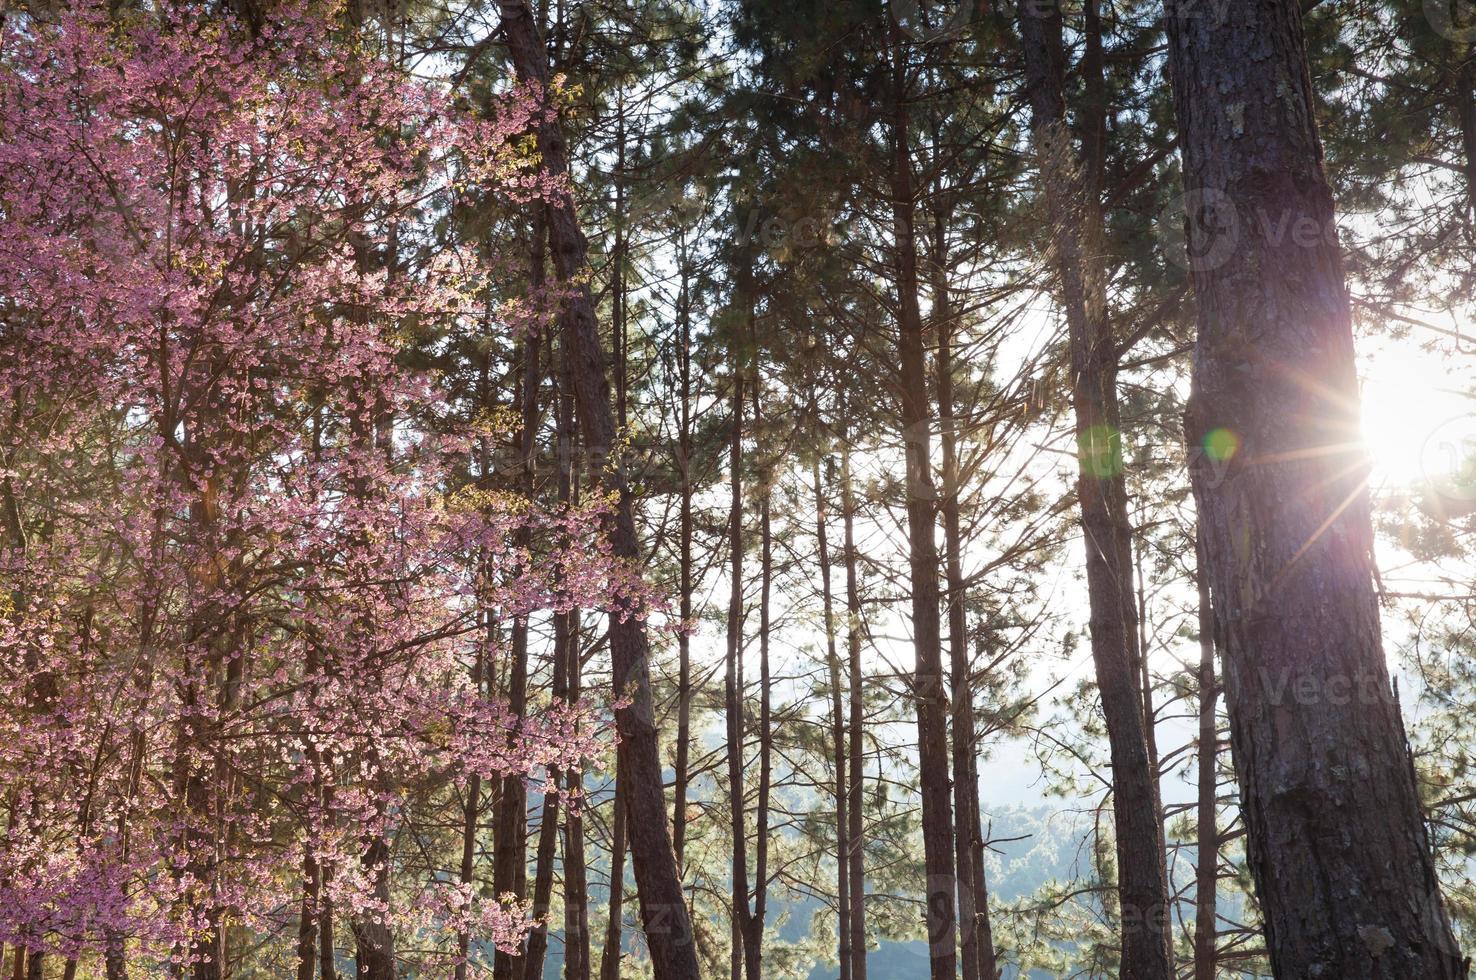 sol en los árboles foto